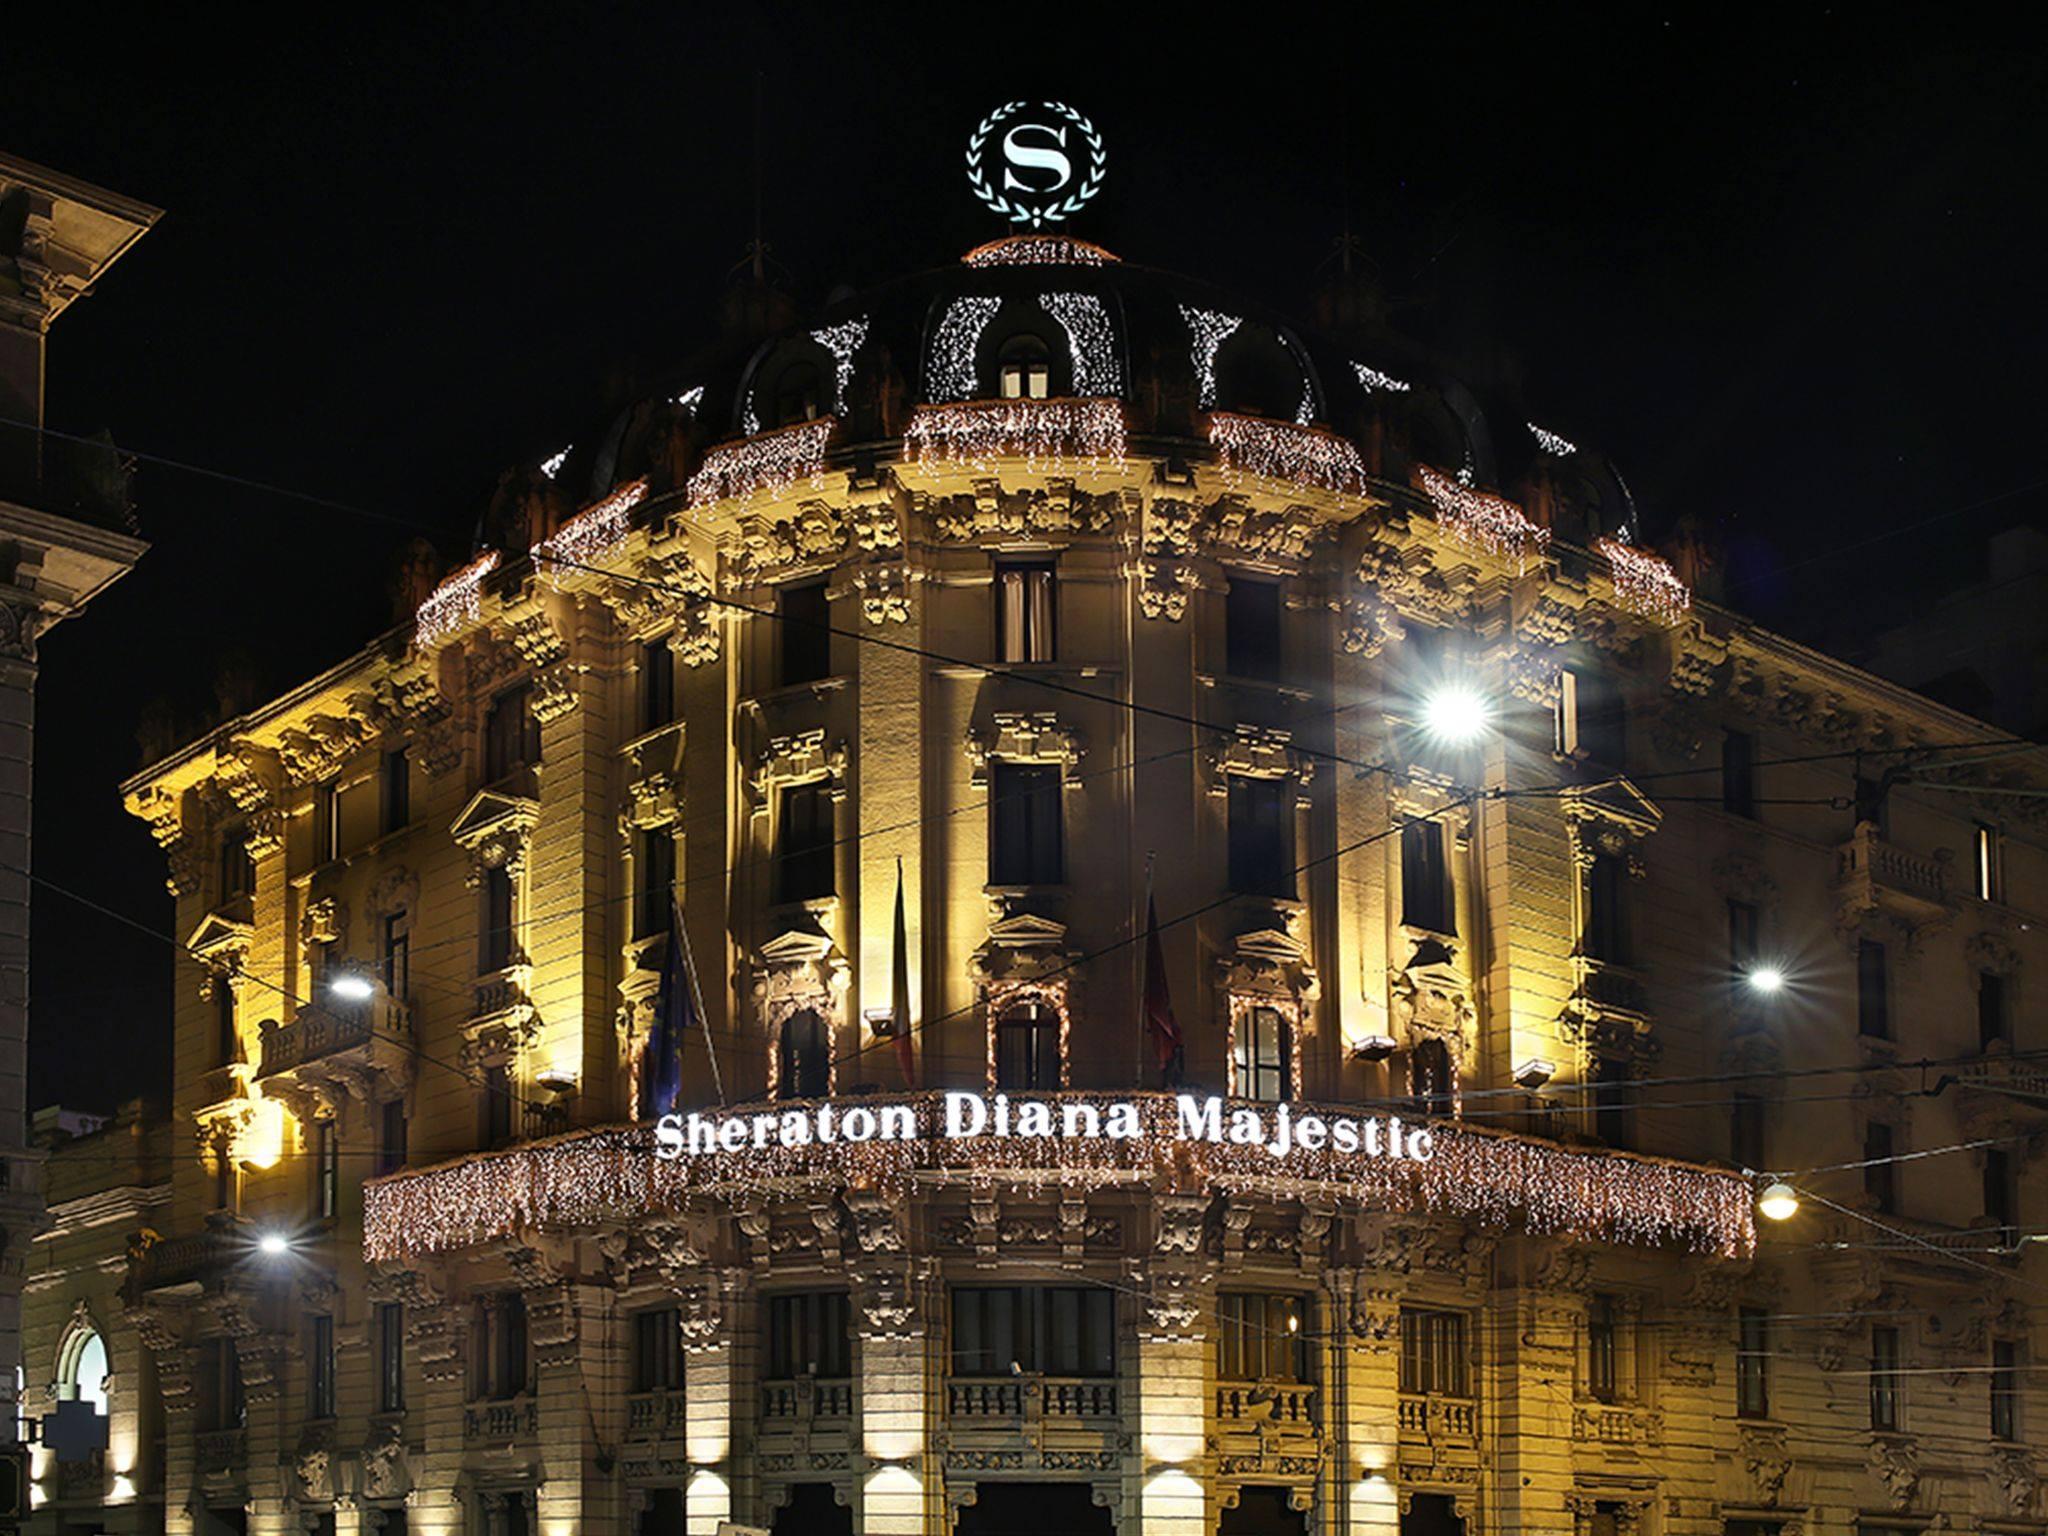 Hotel Sheraton Diana Majestic – Capodanno 2018